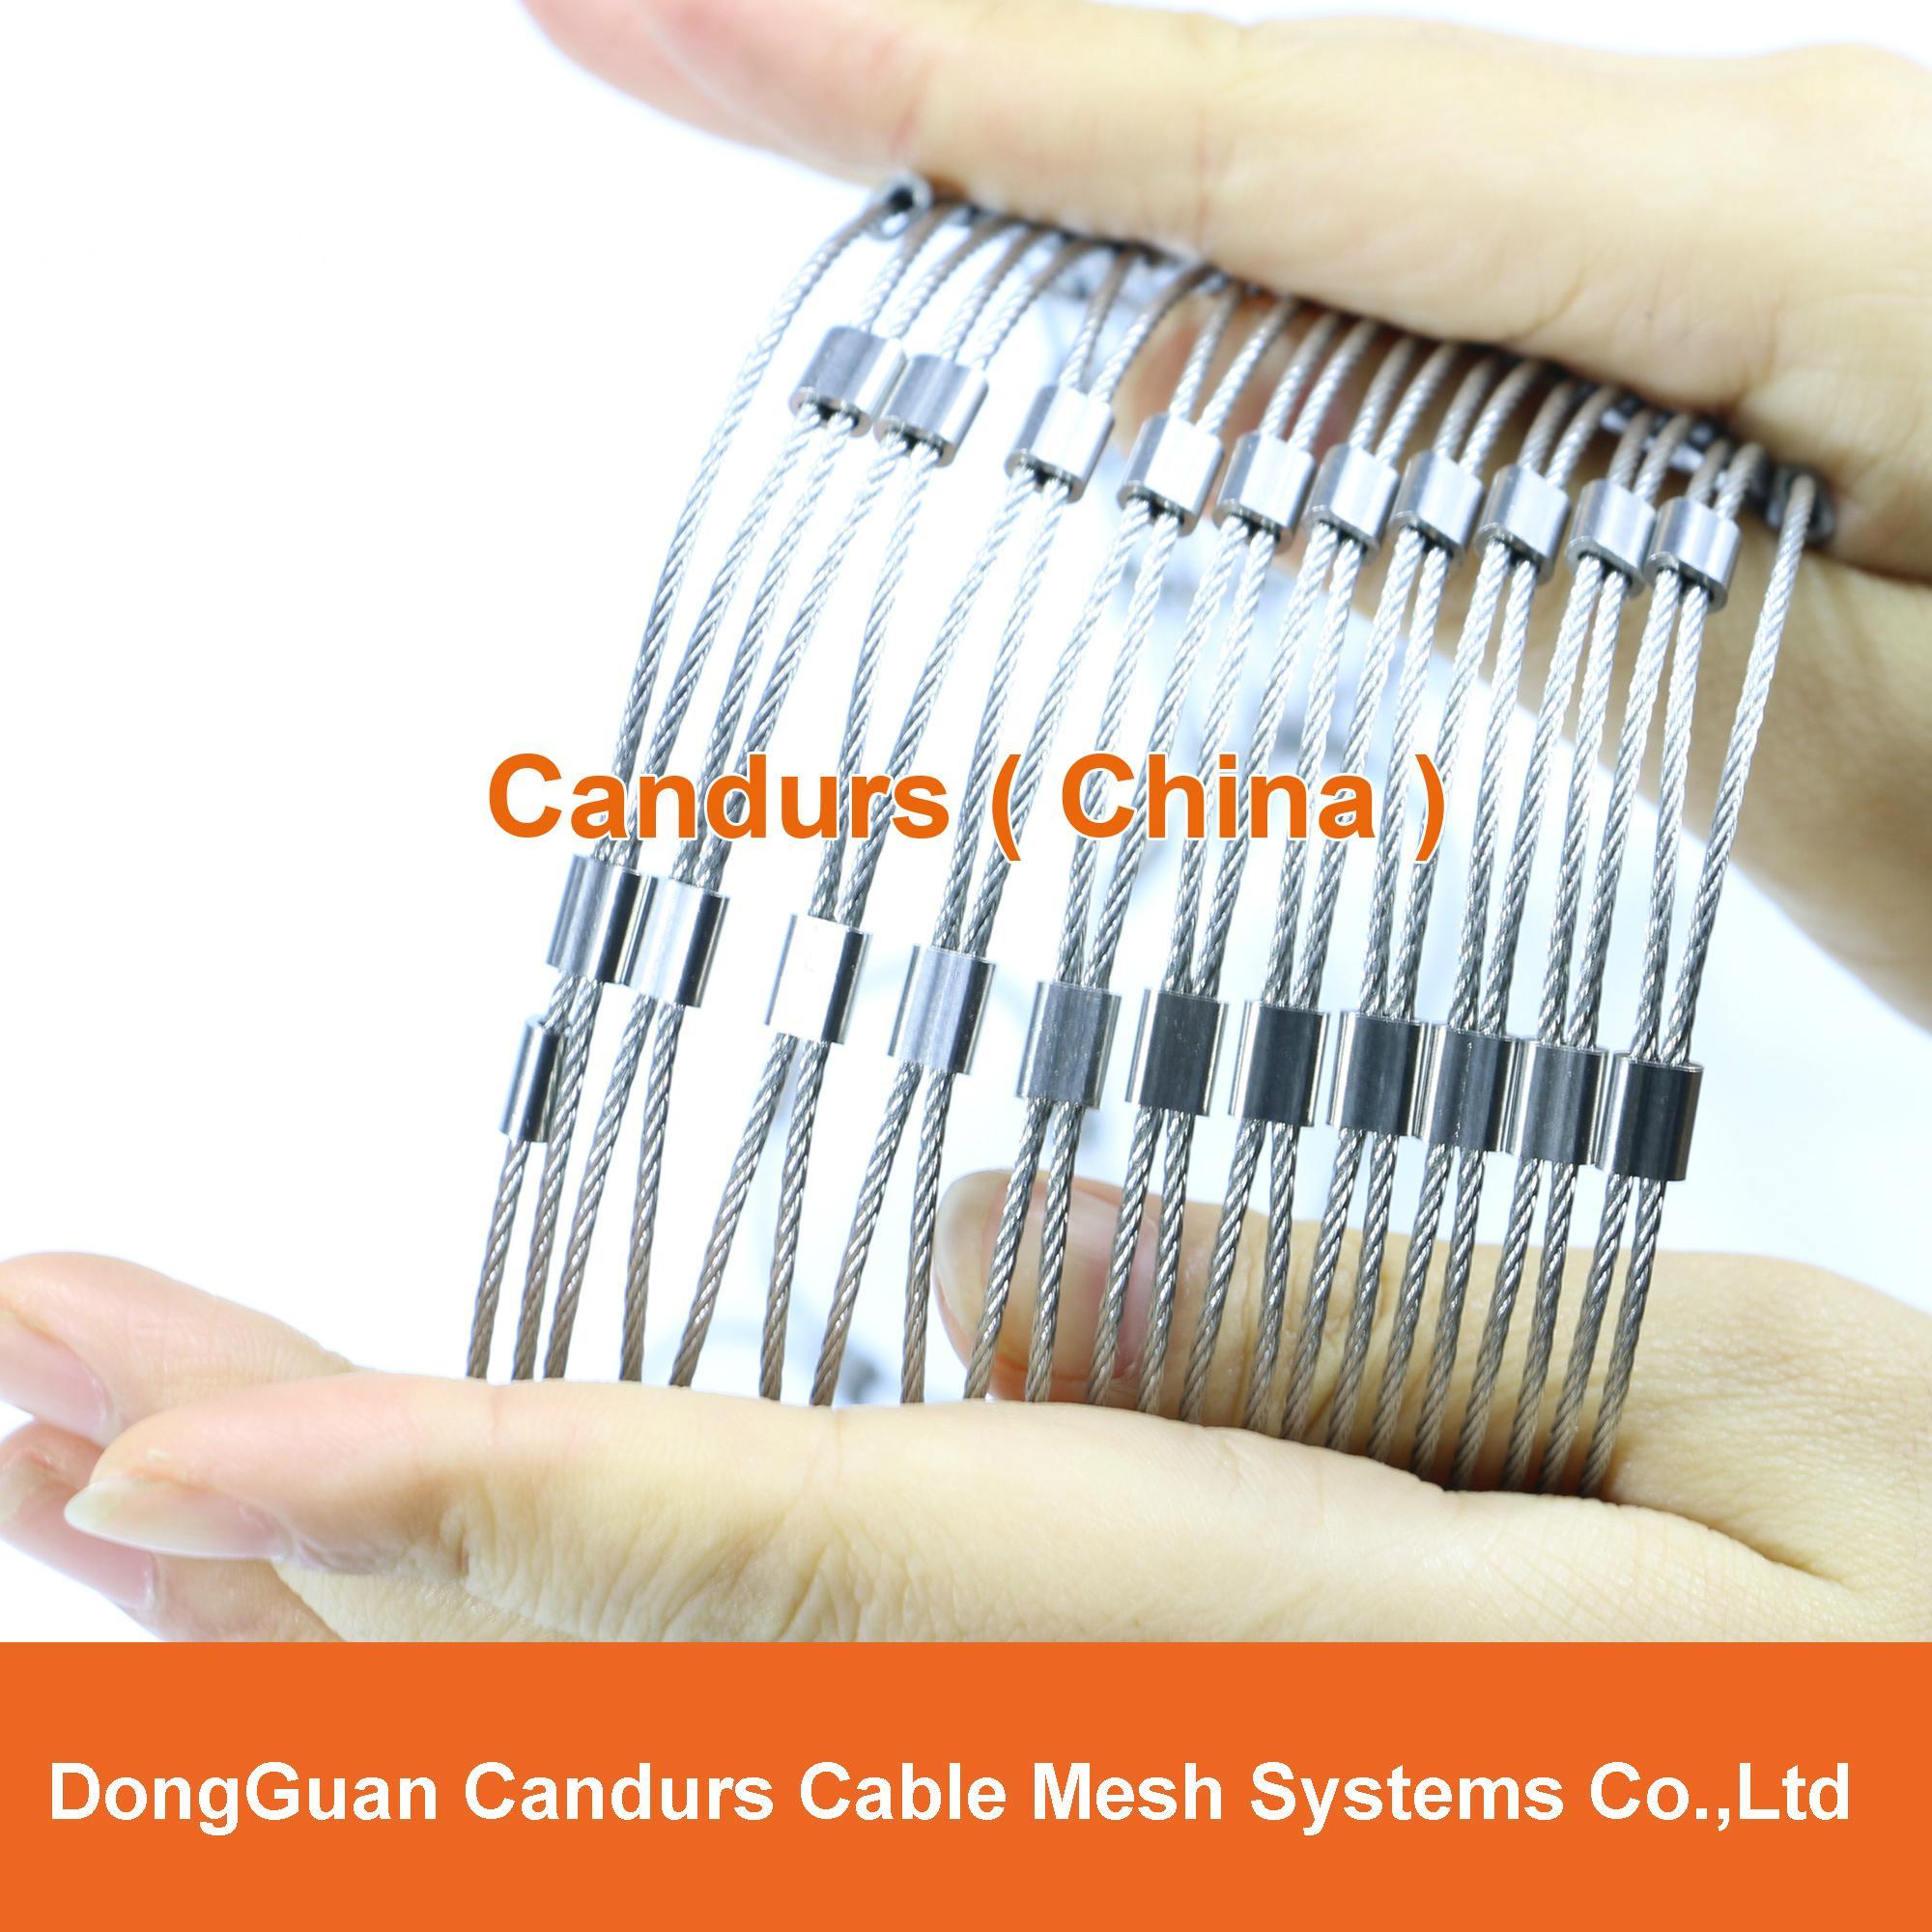 昌達不鏽鋼絲繩網——美標316不鏽鋼繩網 4